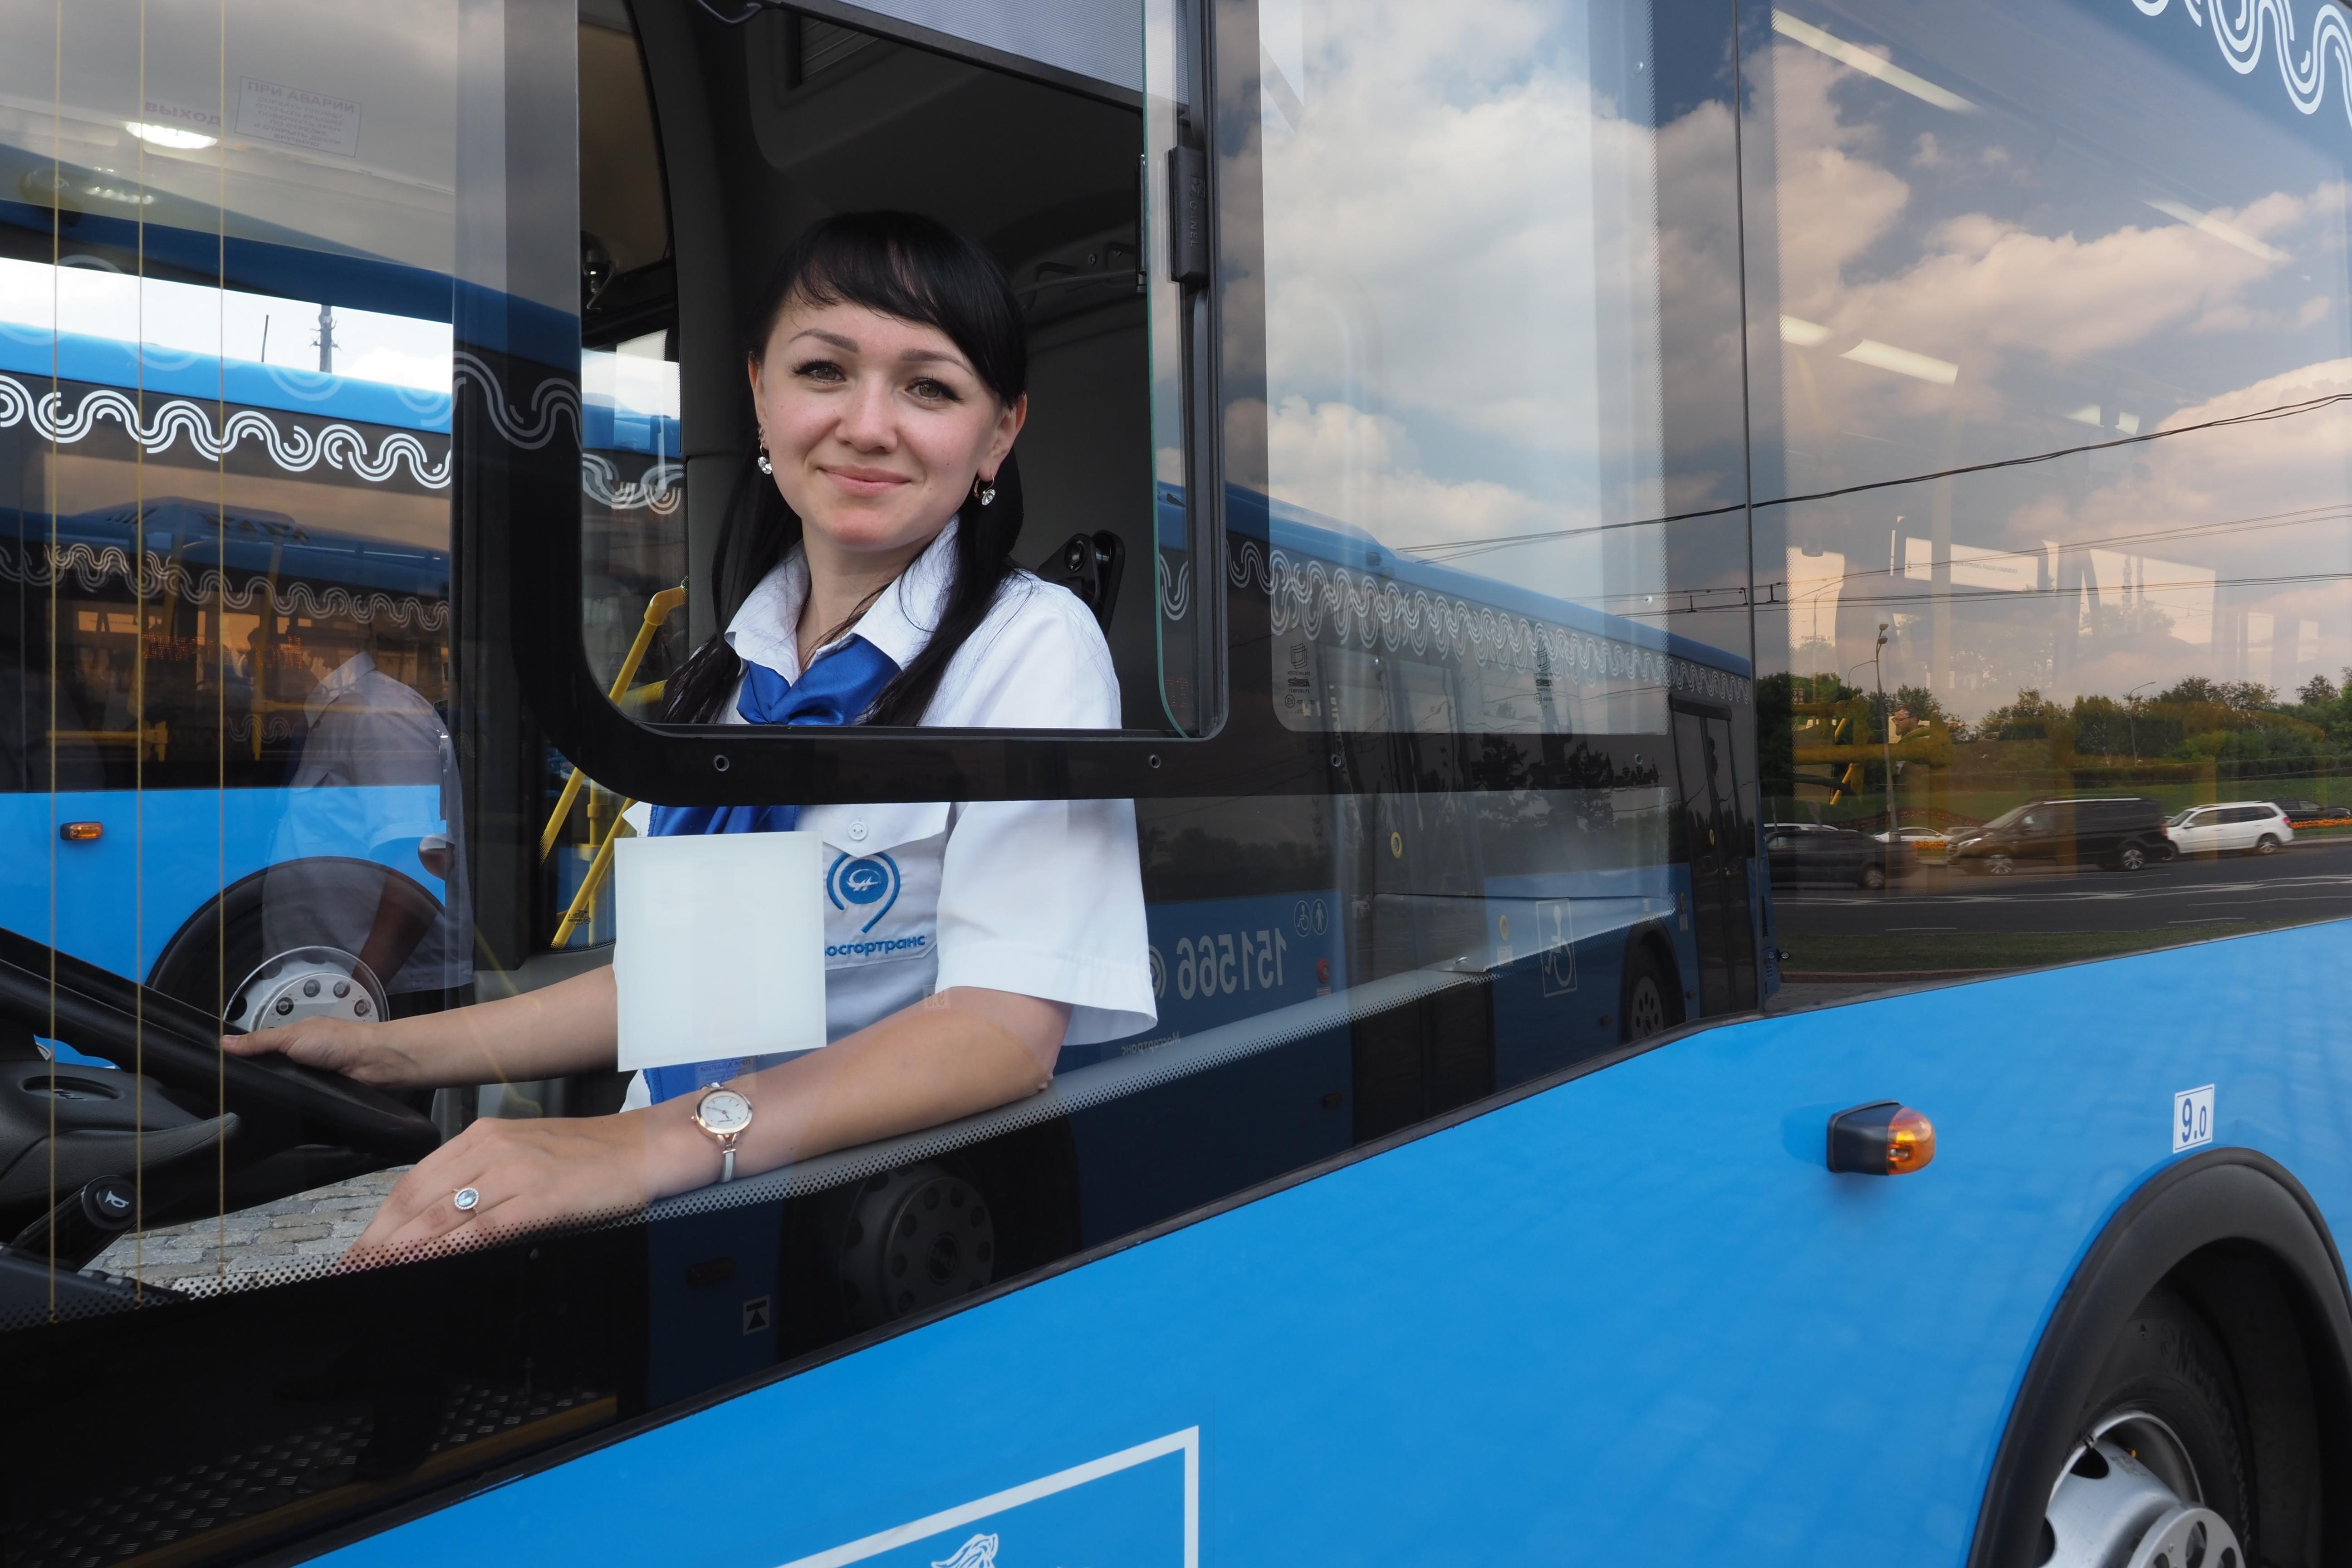 Более 400 автобусов-гигантов запустят в Москве до 2021 года